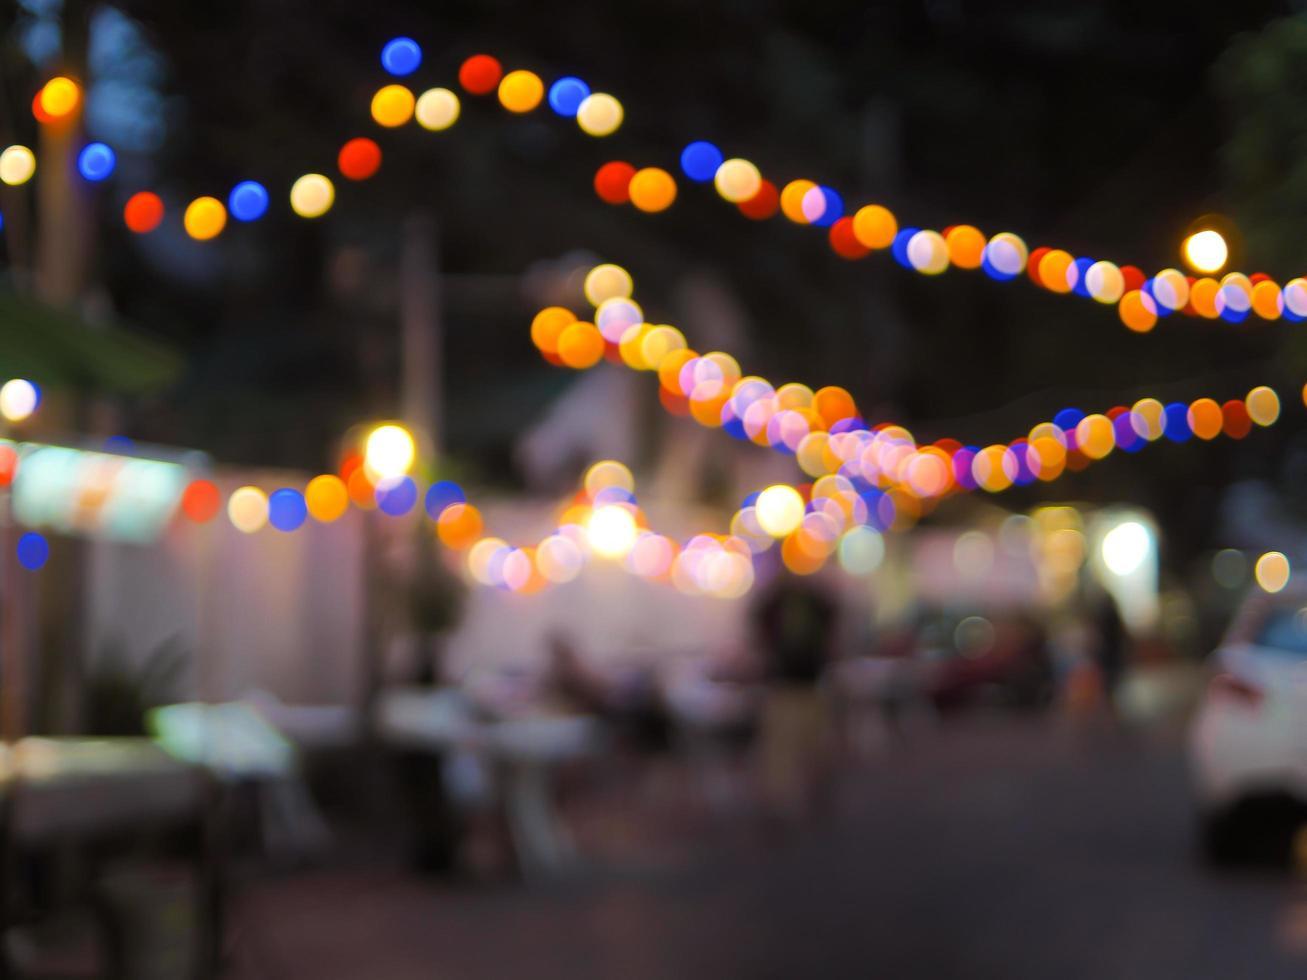 sfocatura astratta immagine del festival notturno foto